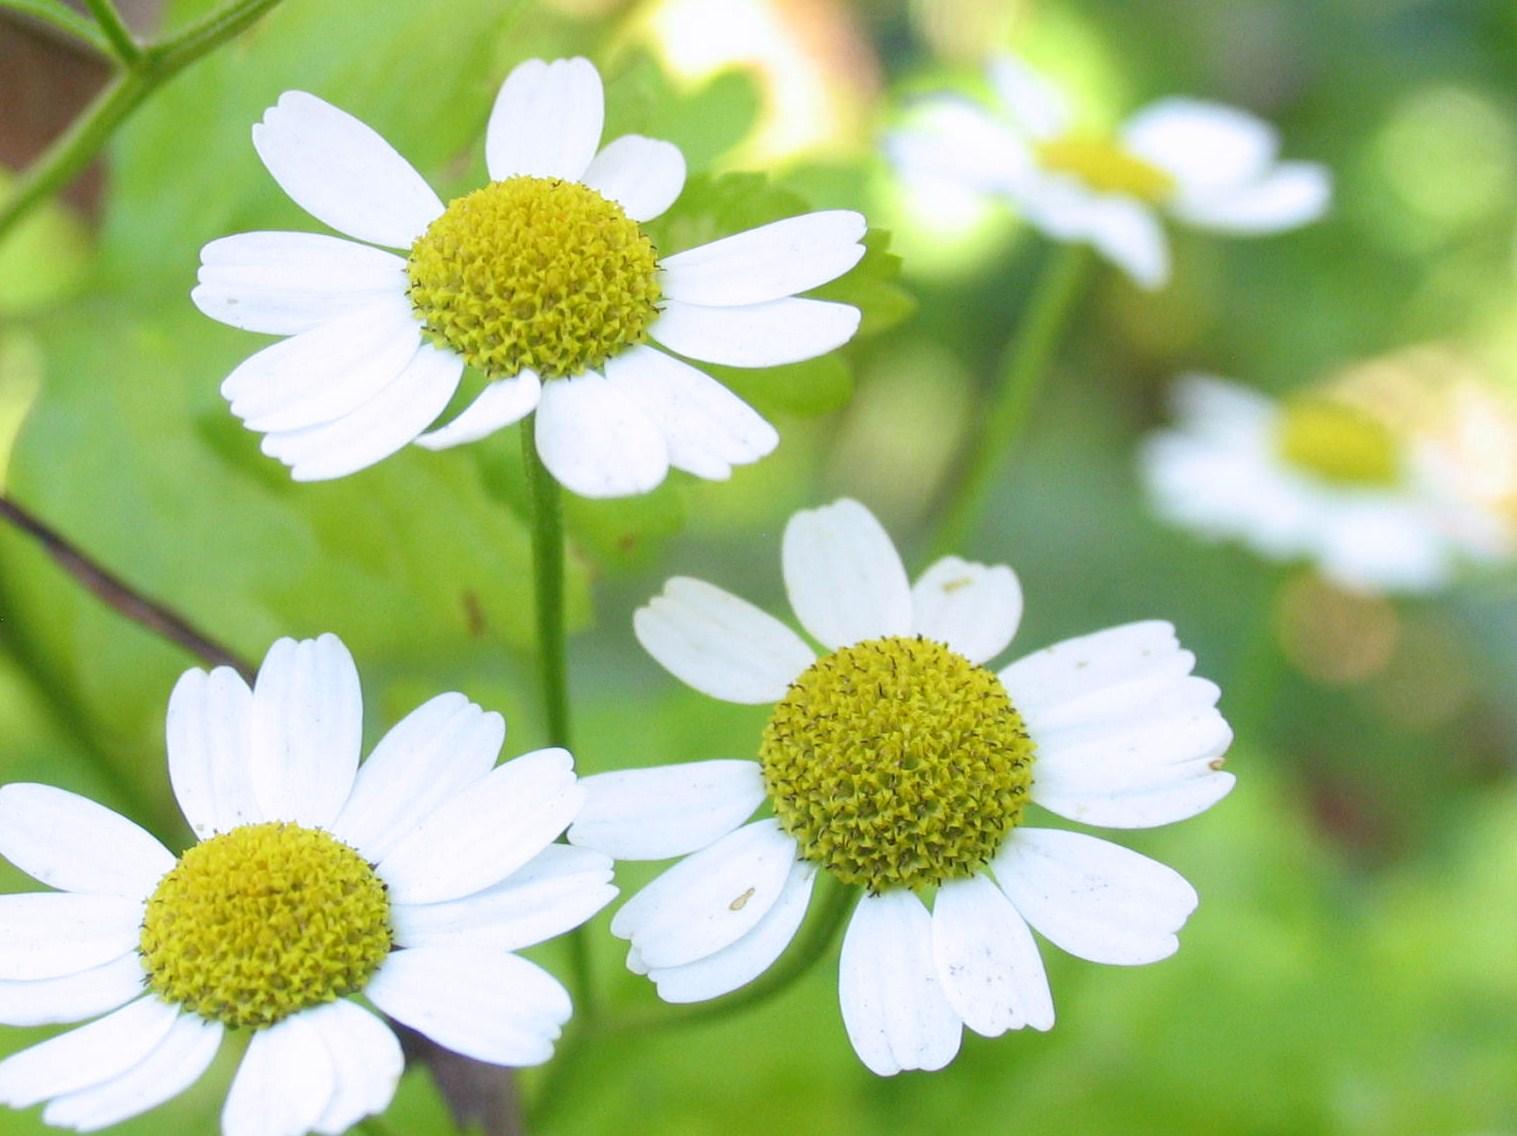 vit och gul blomma namn